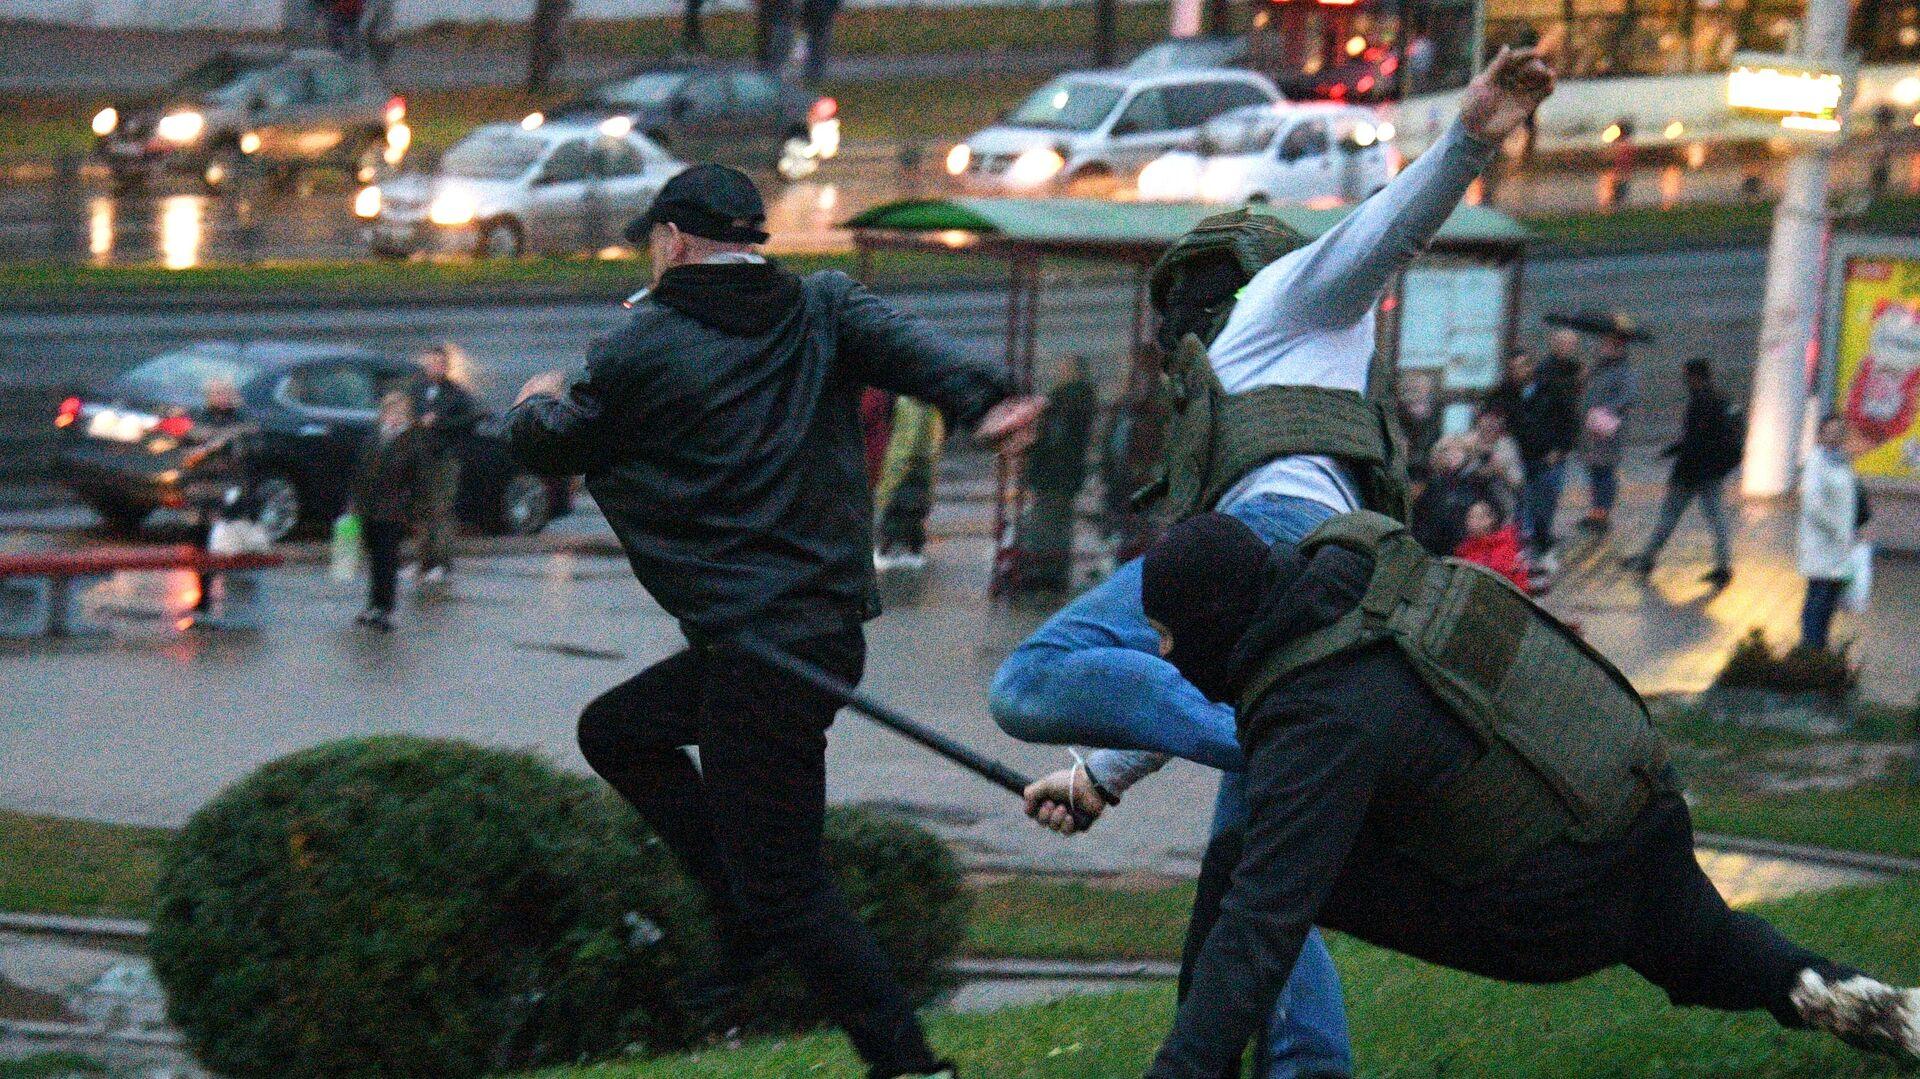 Сотрудники правоохранительных органов задерживают участника несанкционированной акции протеста оппозиции в Минске - РИА Новости, 1920, 12.10.2020